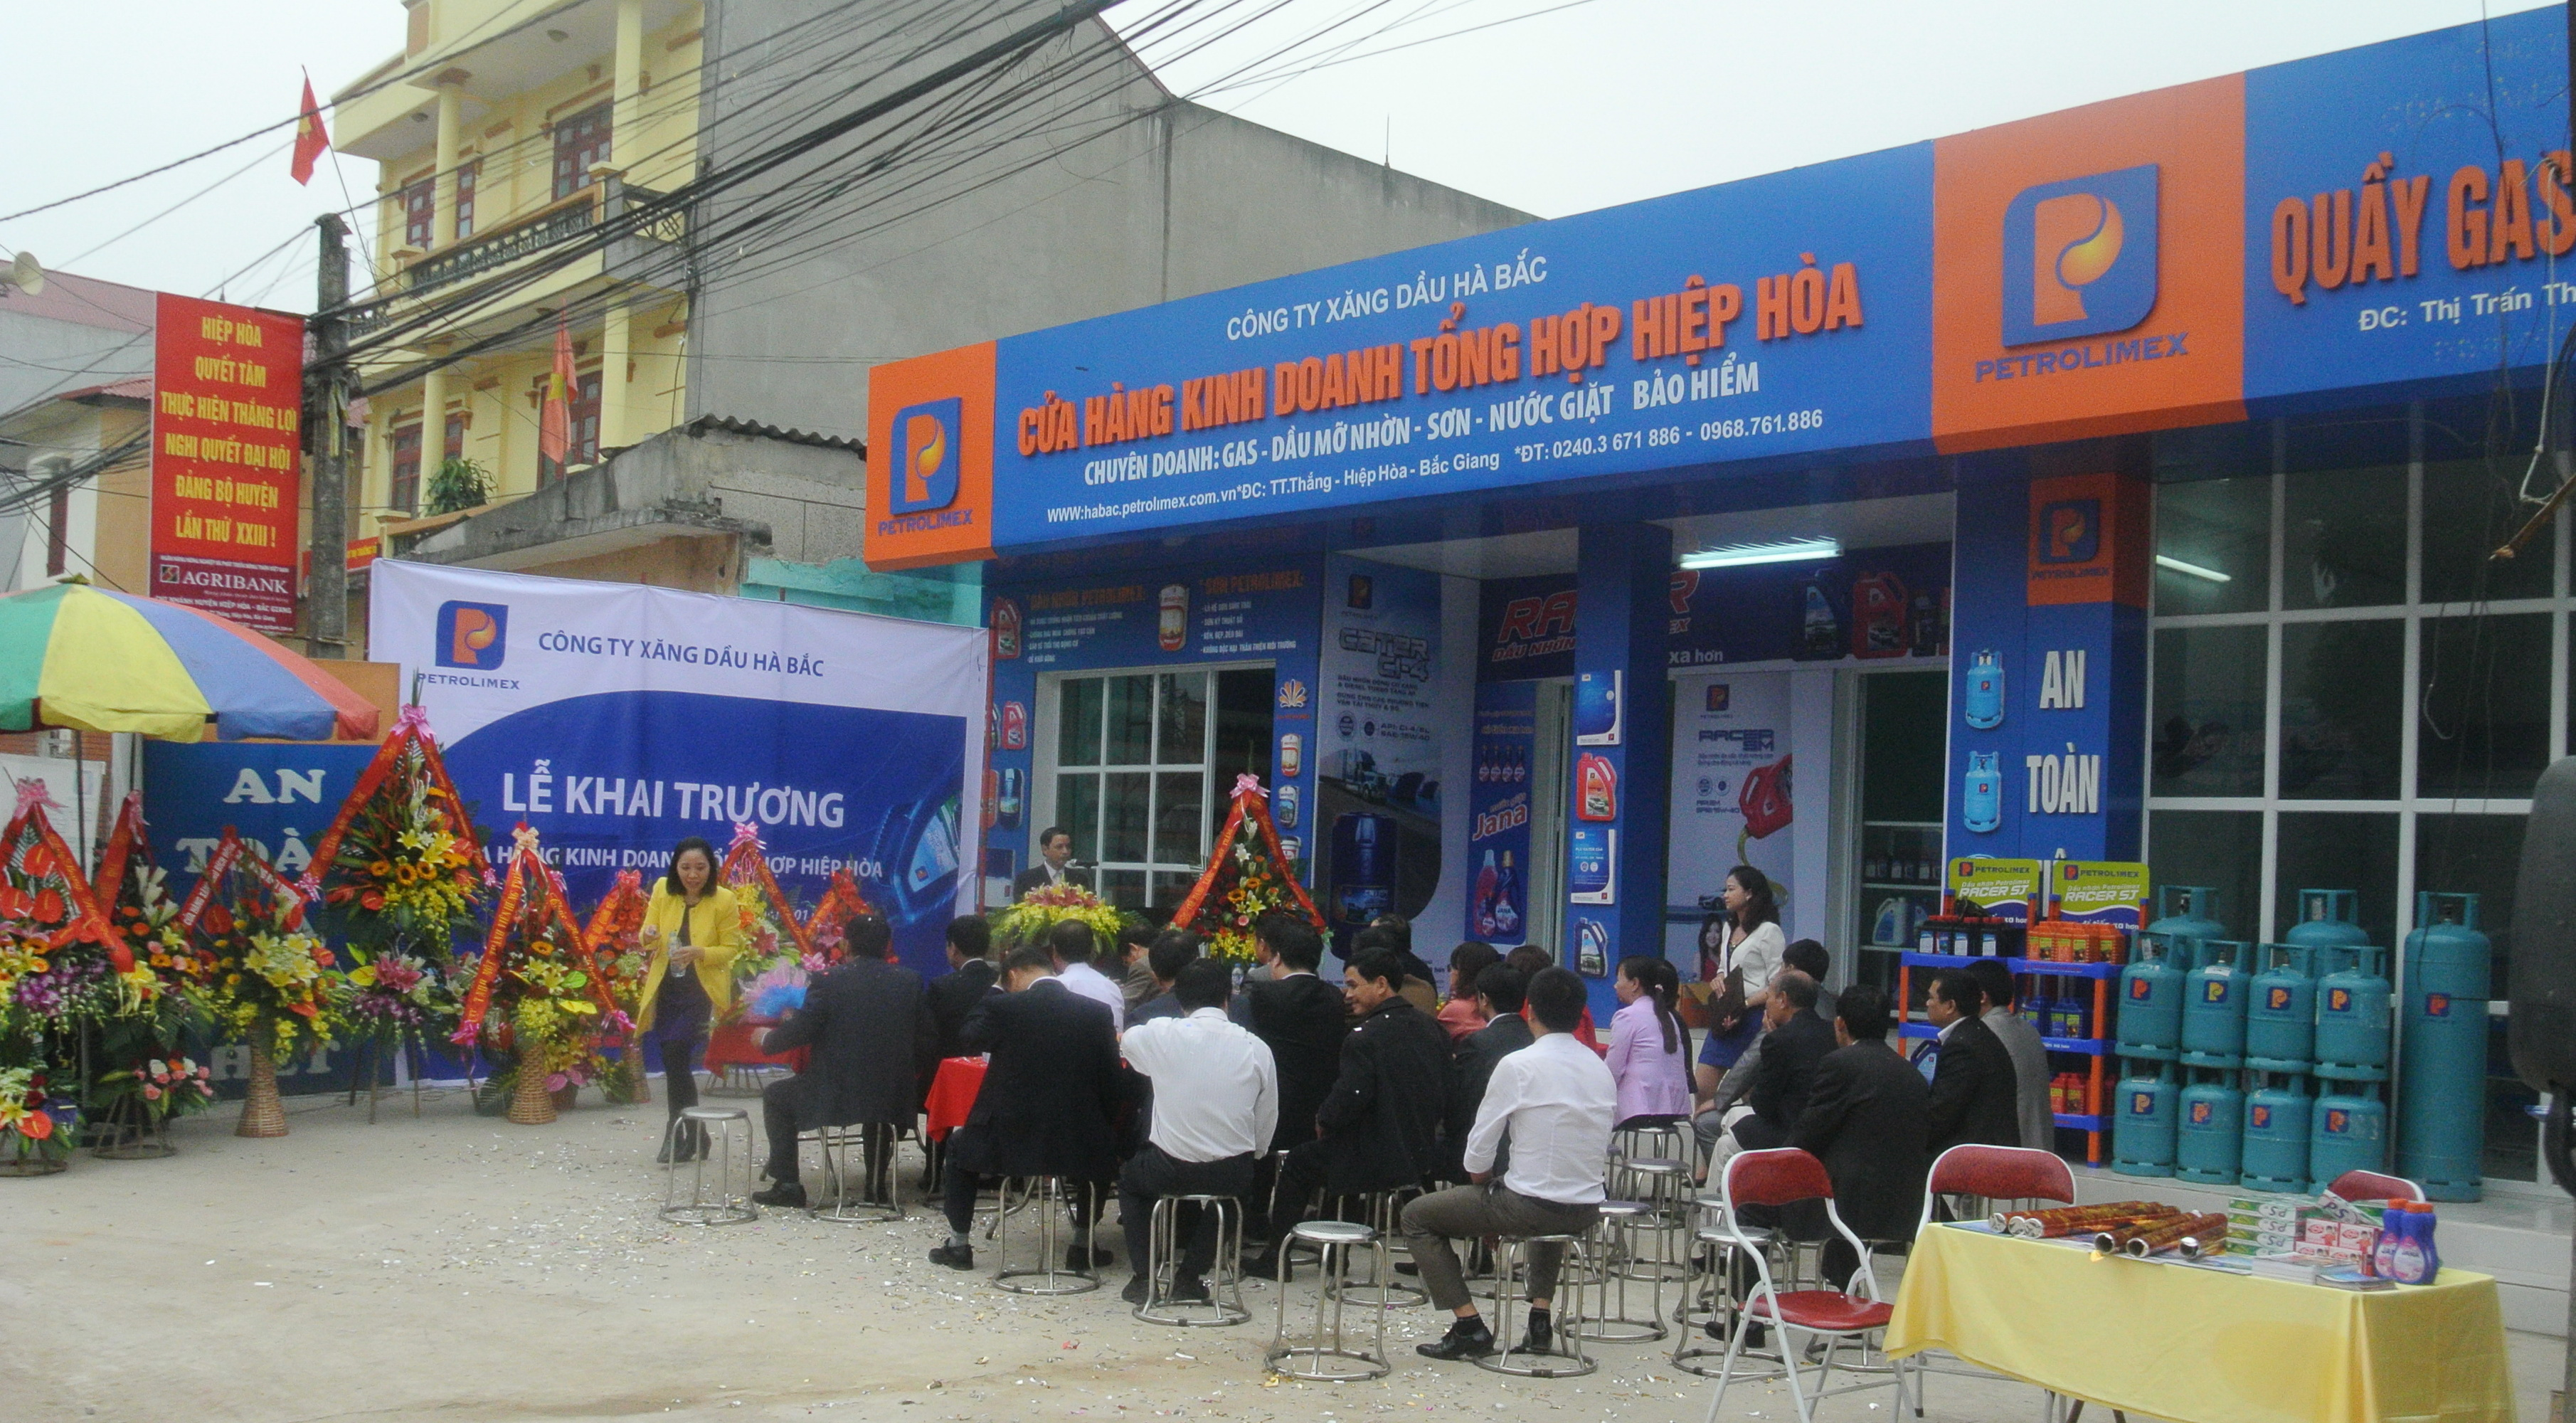 Hoa Khai Truong: Petrolimex Hà Bắc Khai Trương Cửa Hàng Kinh Doanh Tổng Hợp